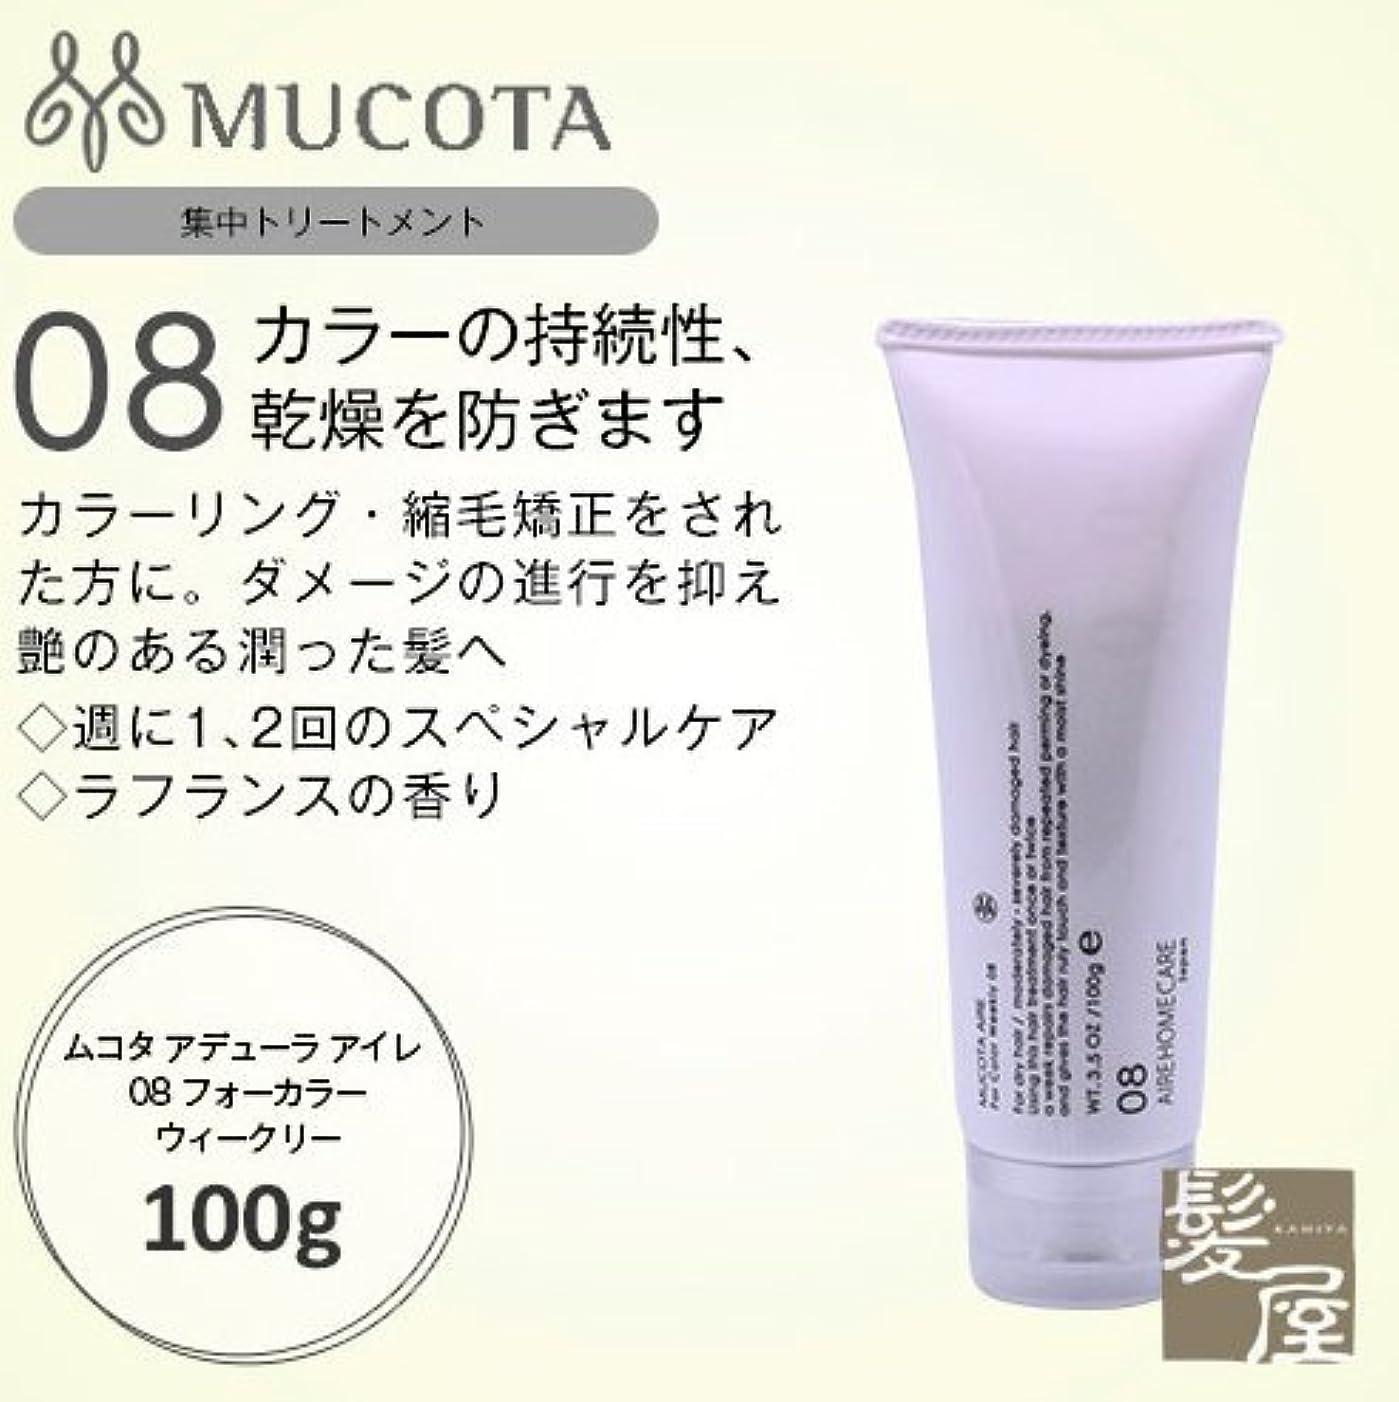 ムコタ アデューラ アイレ08 フォー カラー ウィークリー 100g